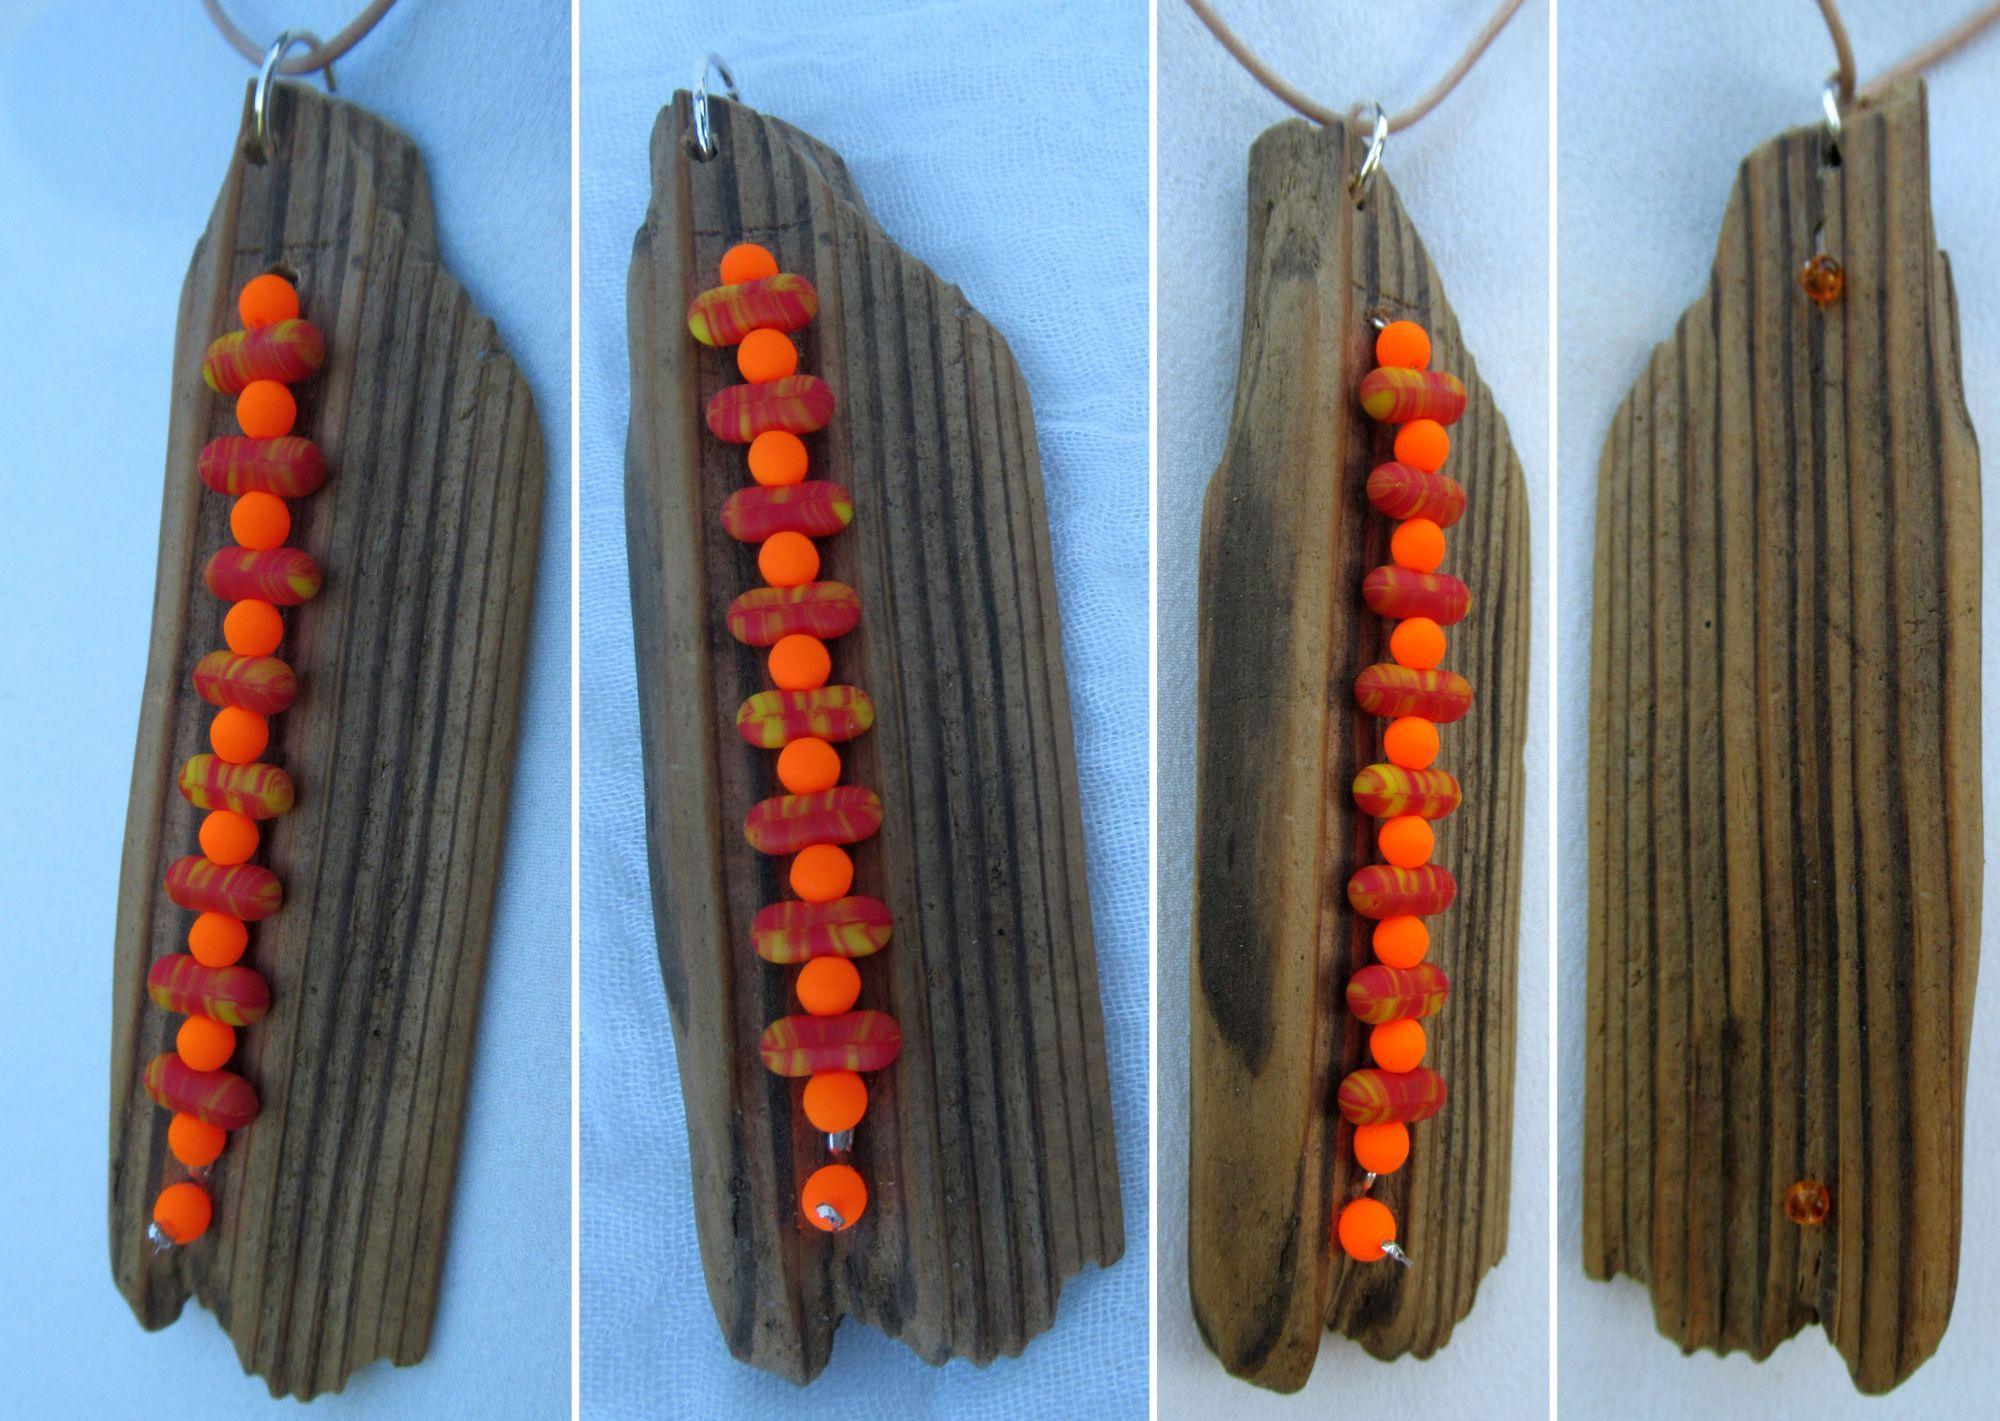 Schönes Treibholz und lustige Perlen für einen tollen Kettenanhänger, Bastelidee